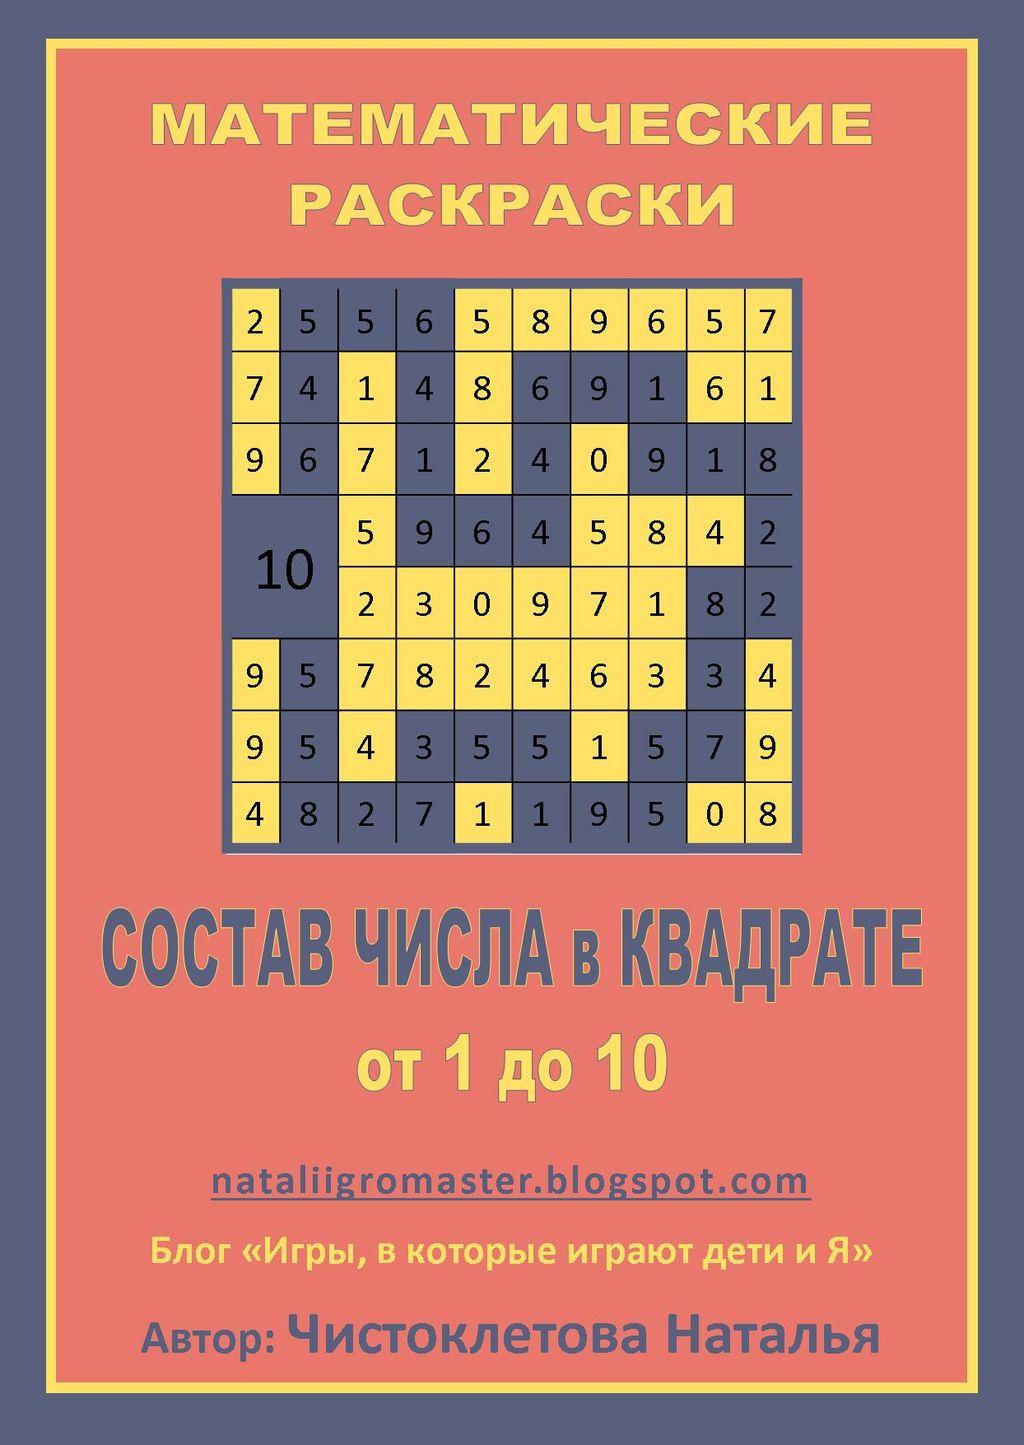 ОБЛОЖКА_состав числа в квадрате_nataliigromaster.jpg